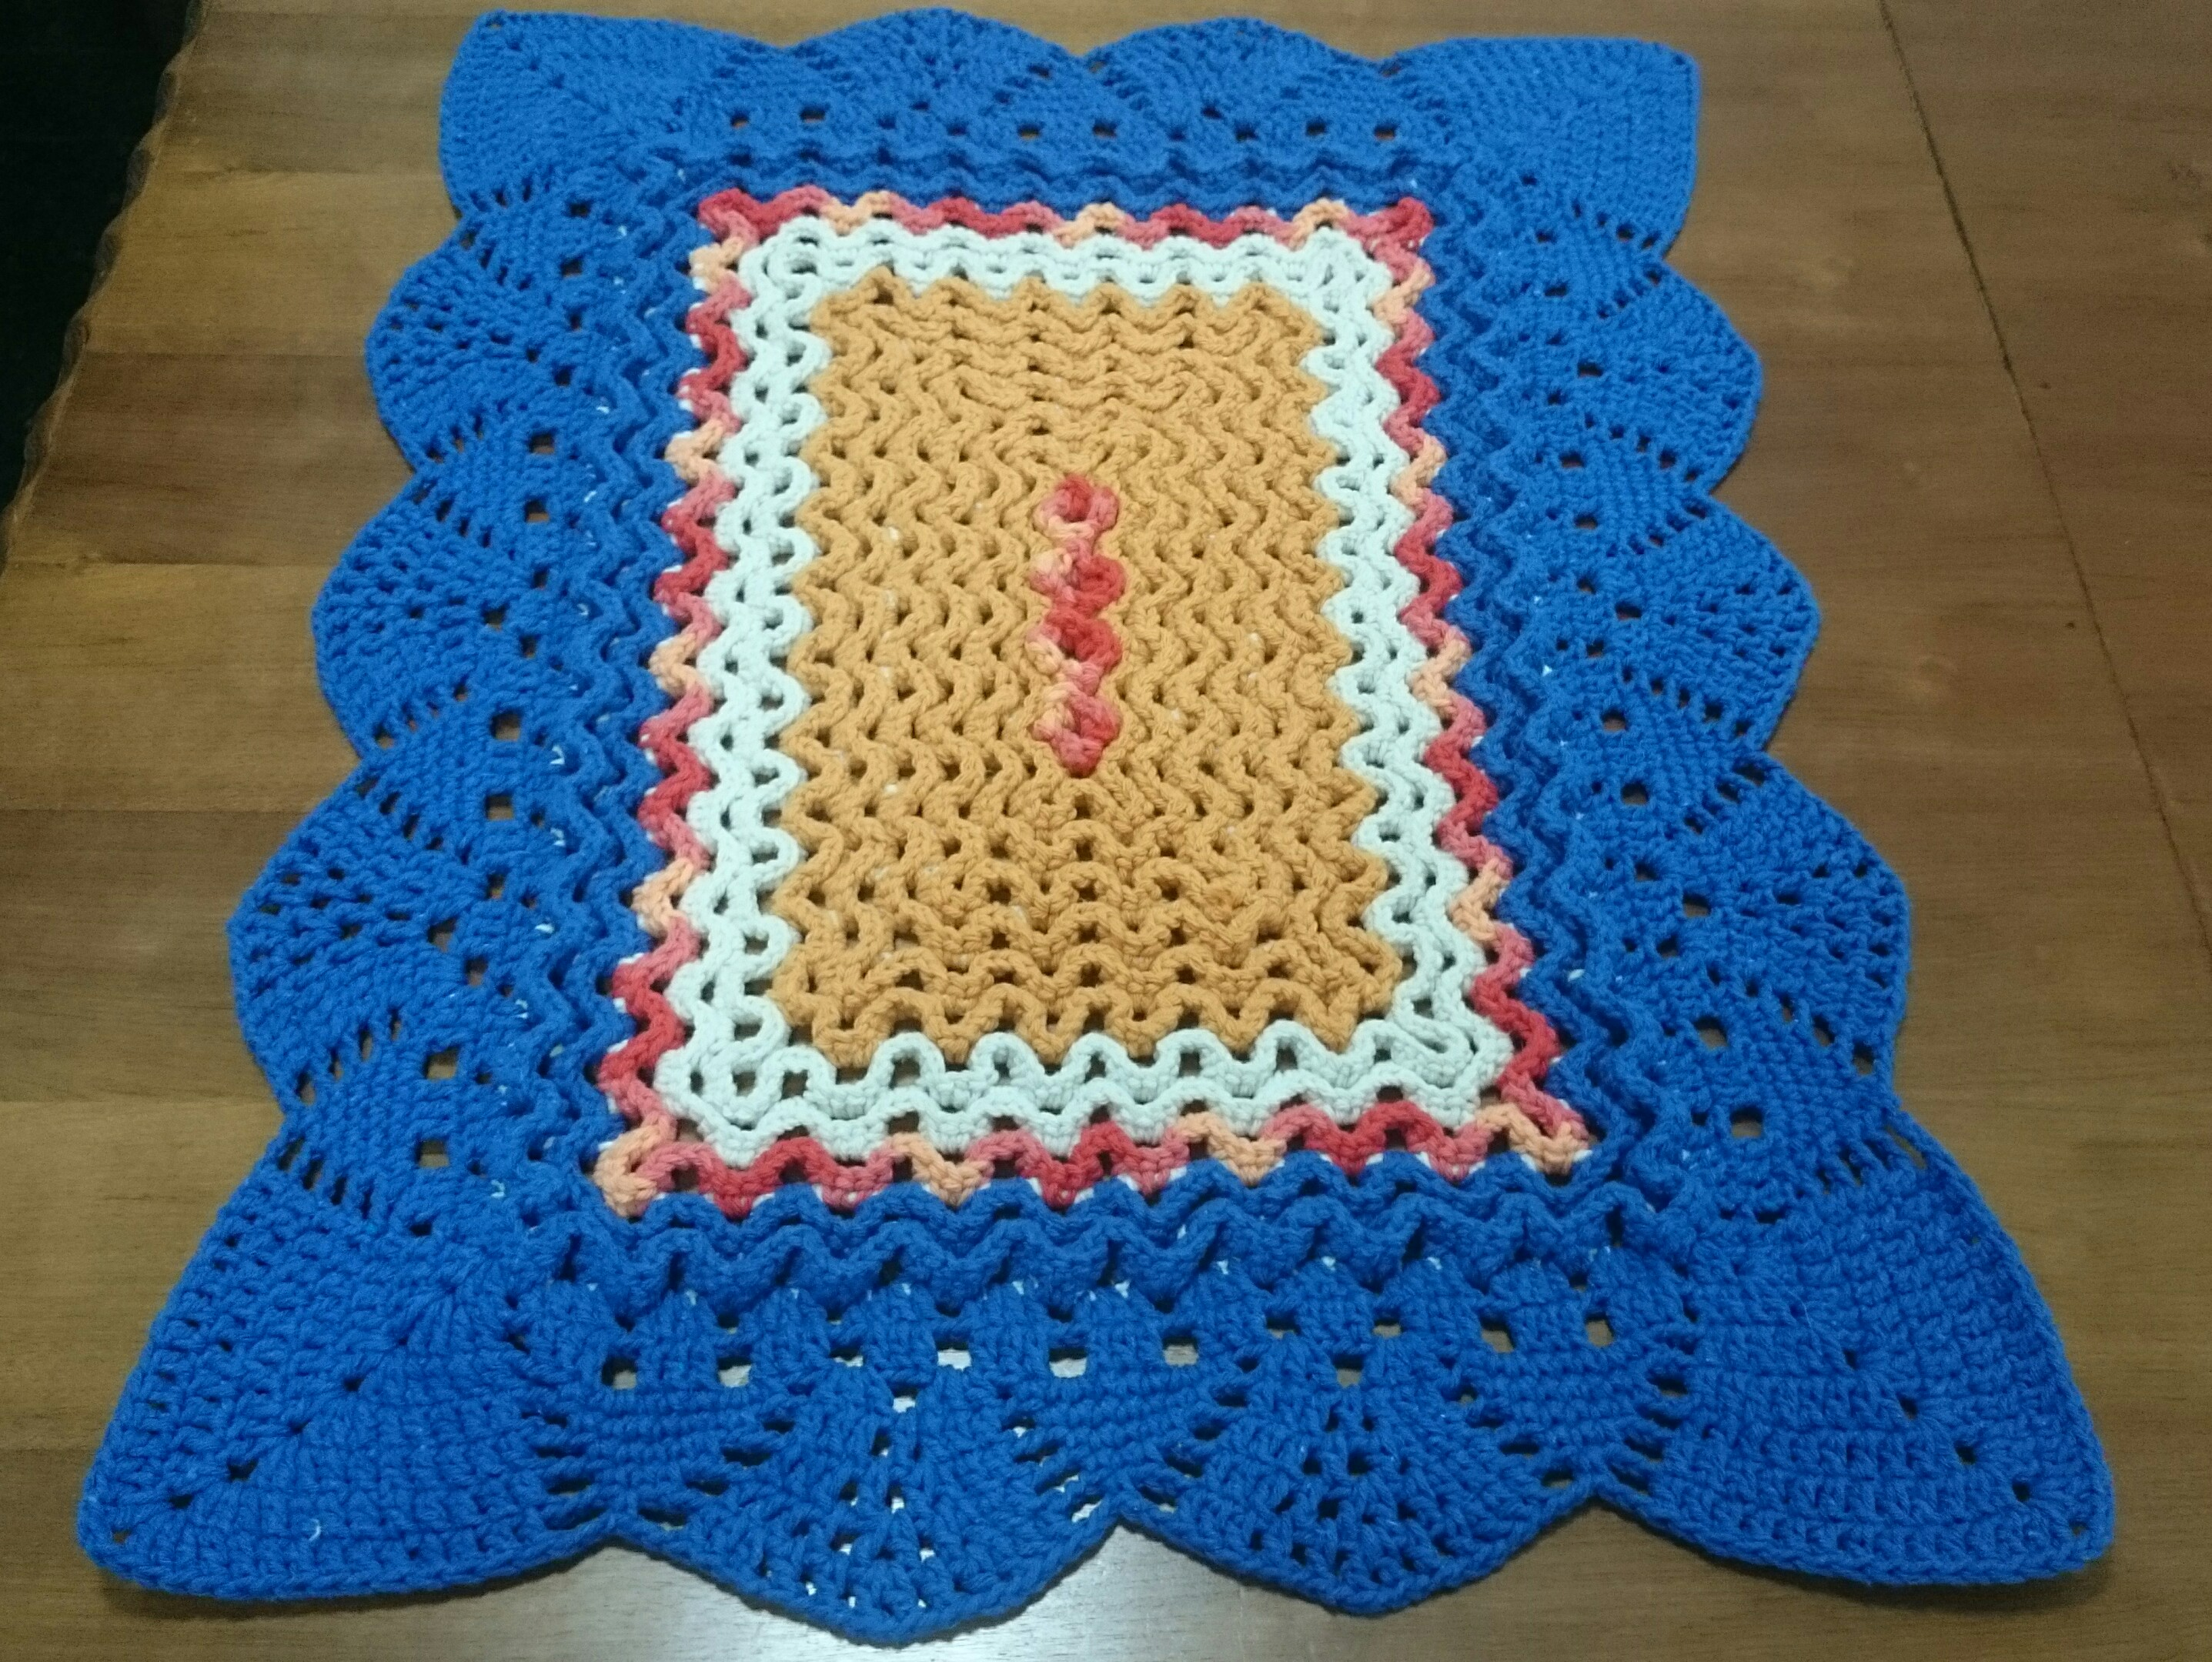 Tapete de crochê retangular Todah Crochet Elo7 #08448F 2874 2160